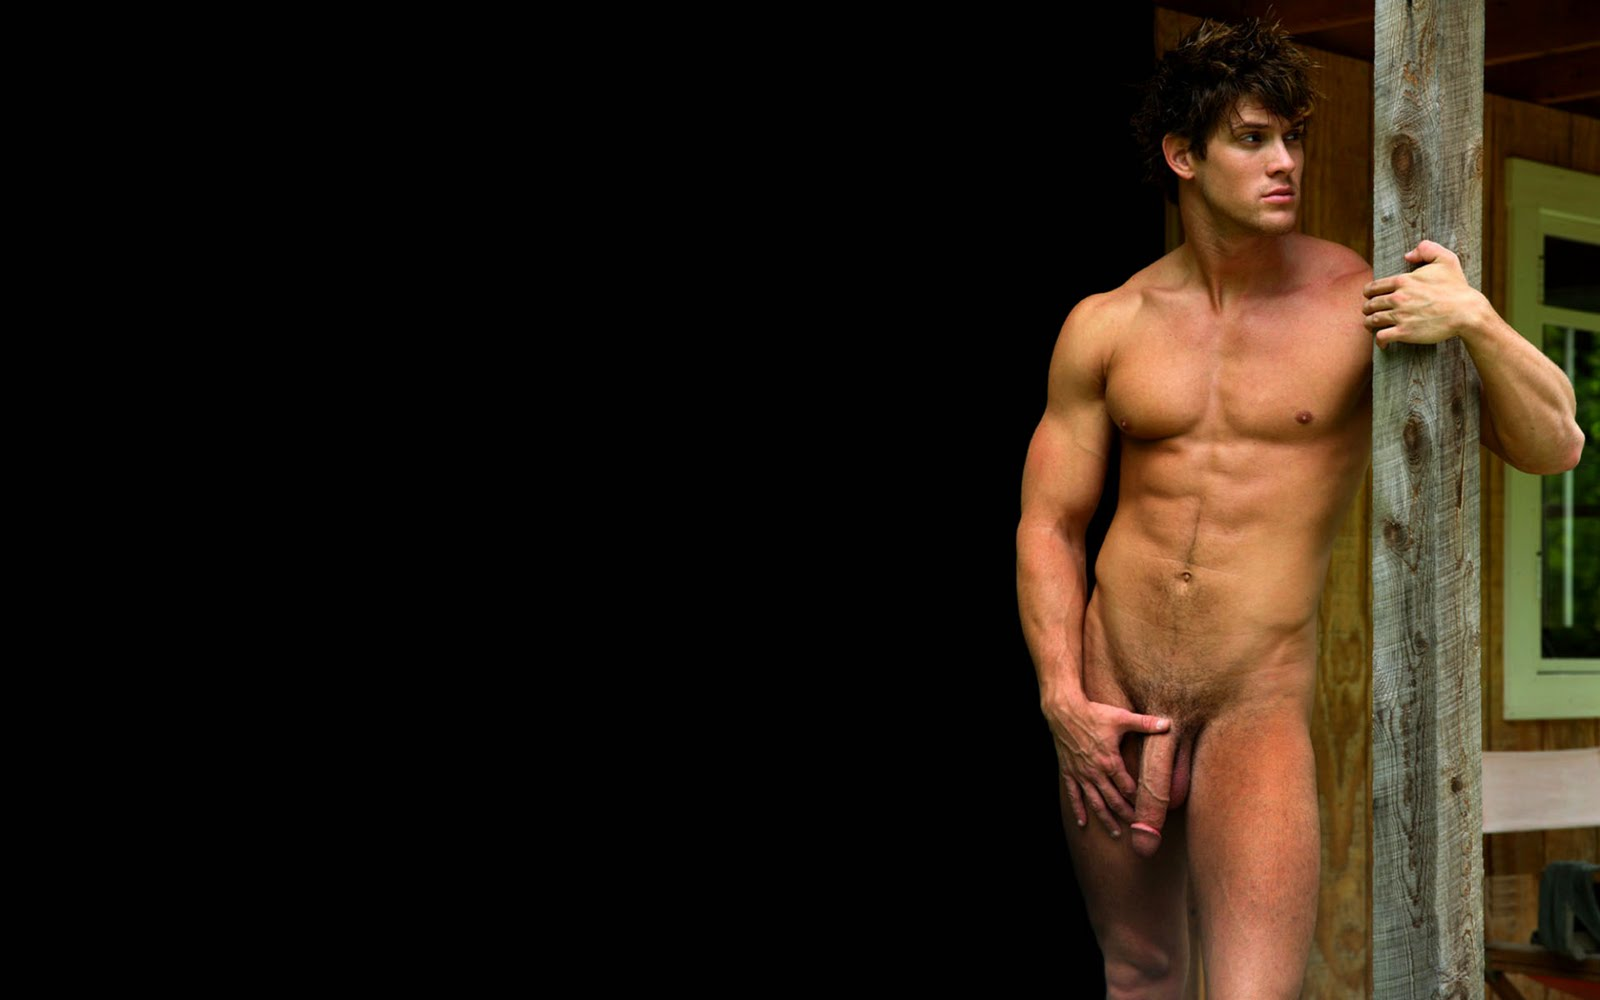 вот, после фотографии голых мужчин полностью и видео кто визжит правах